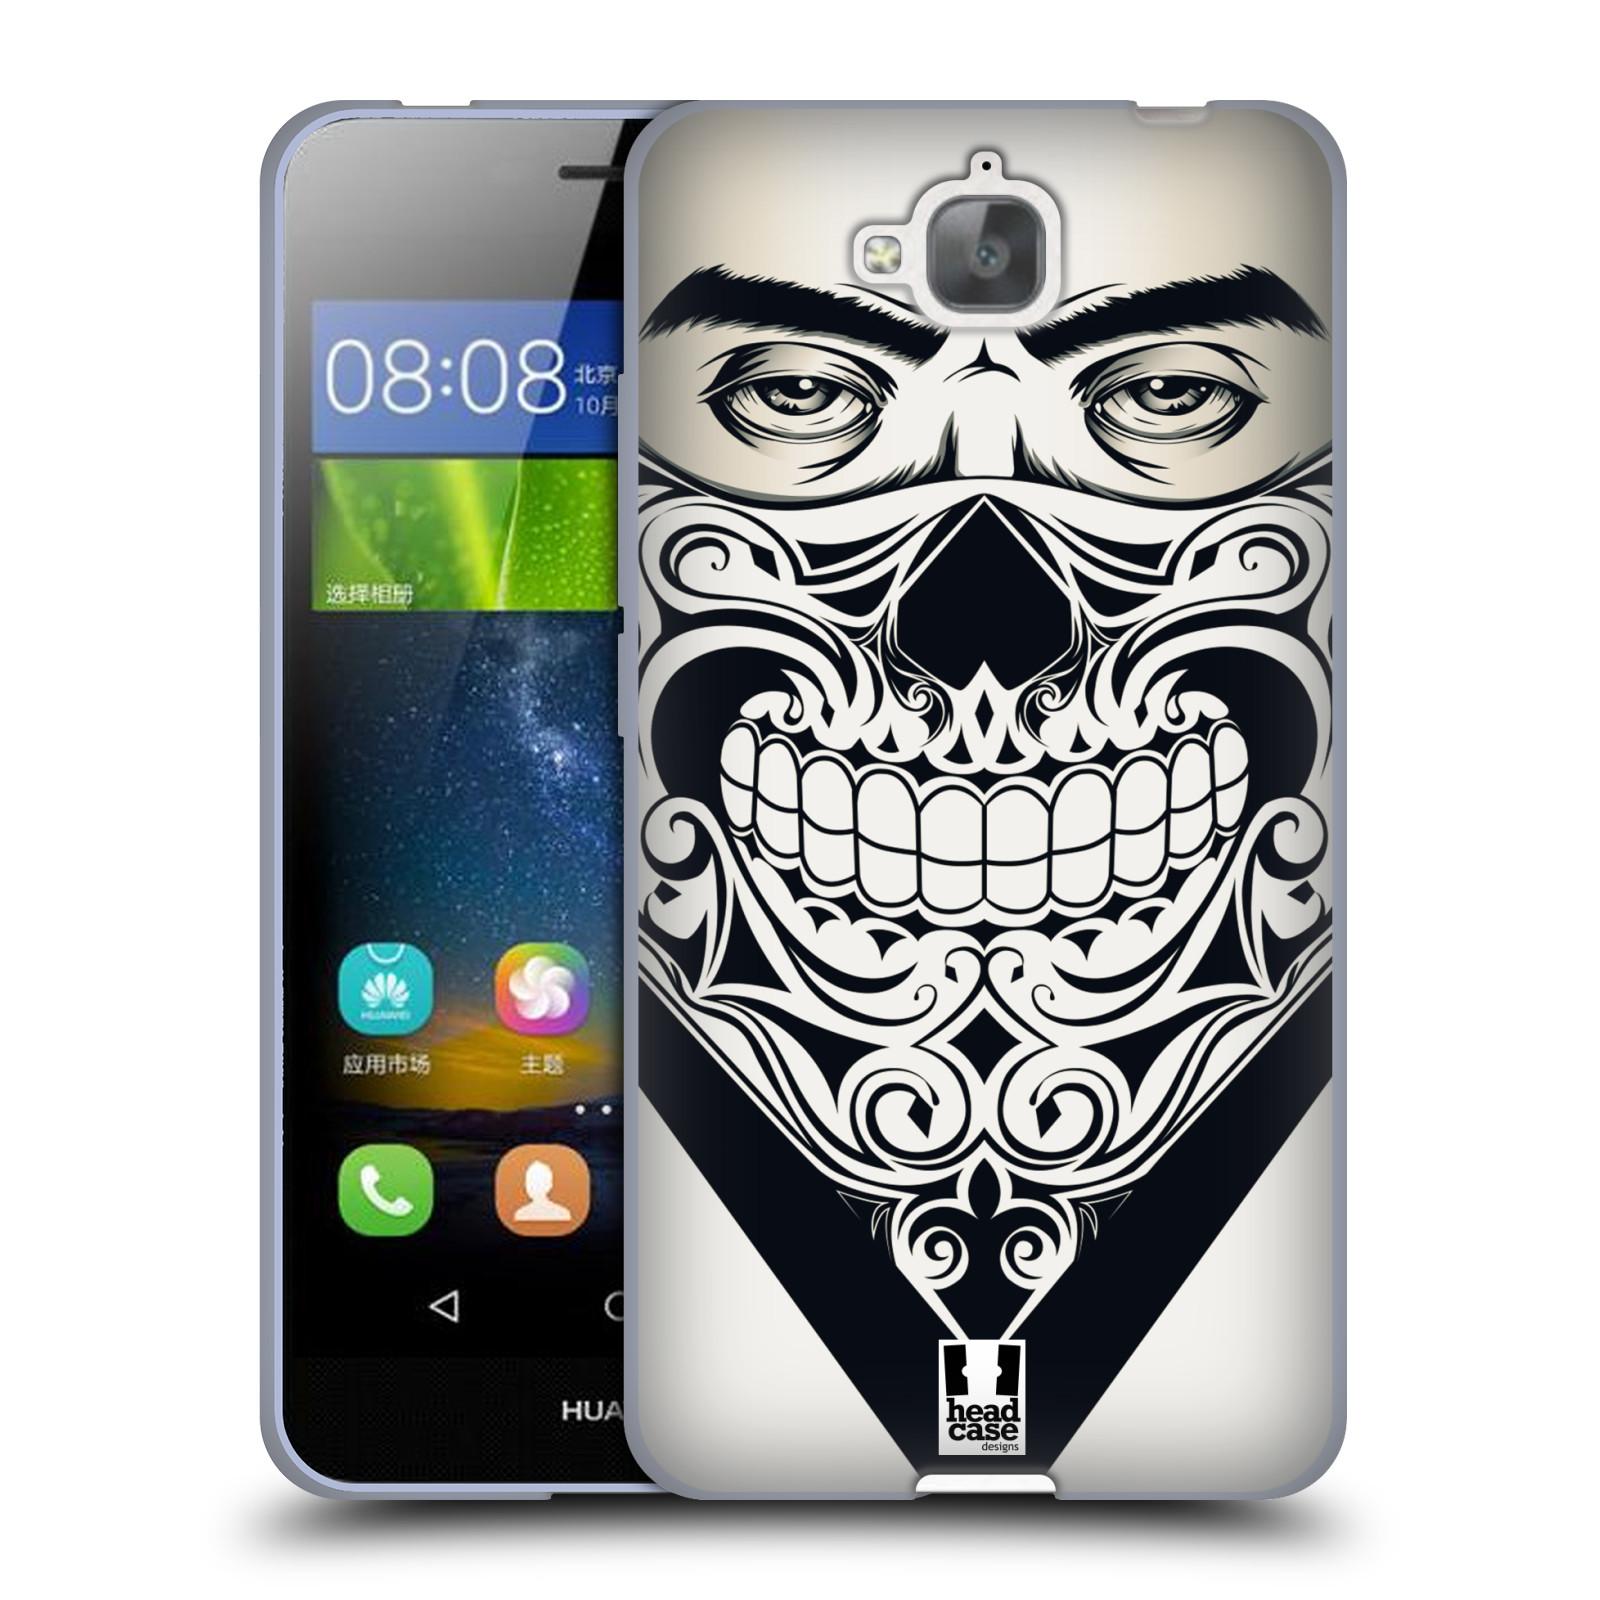 Silikonové pouzdro na mobil Huawei Y6 Pro Dual Sim HEAD CASE LEBKA BANDANA